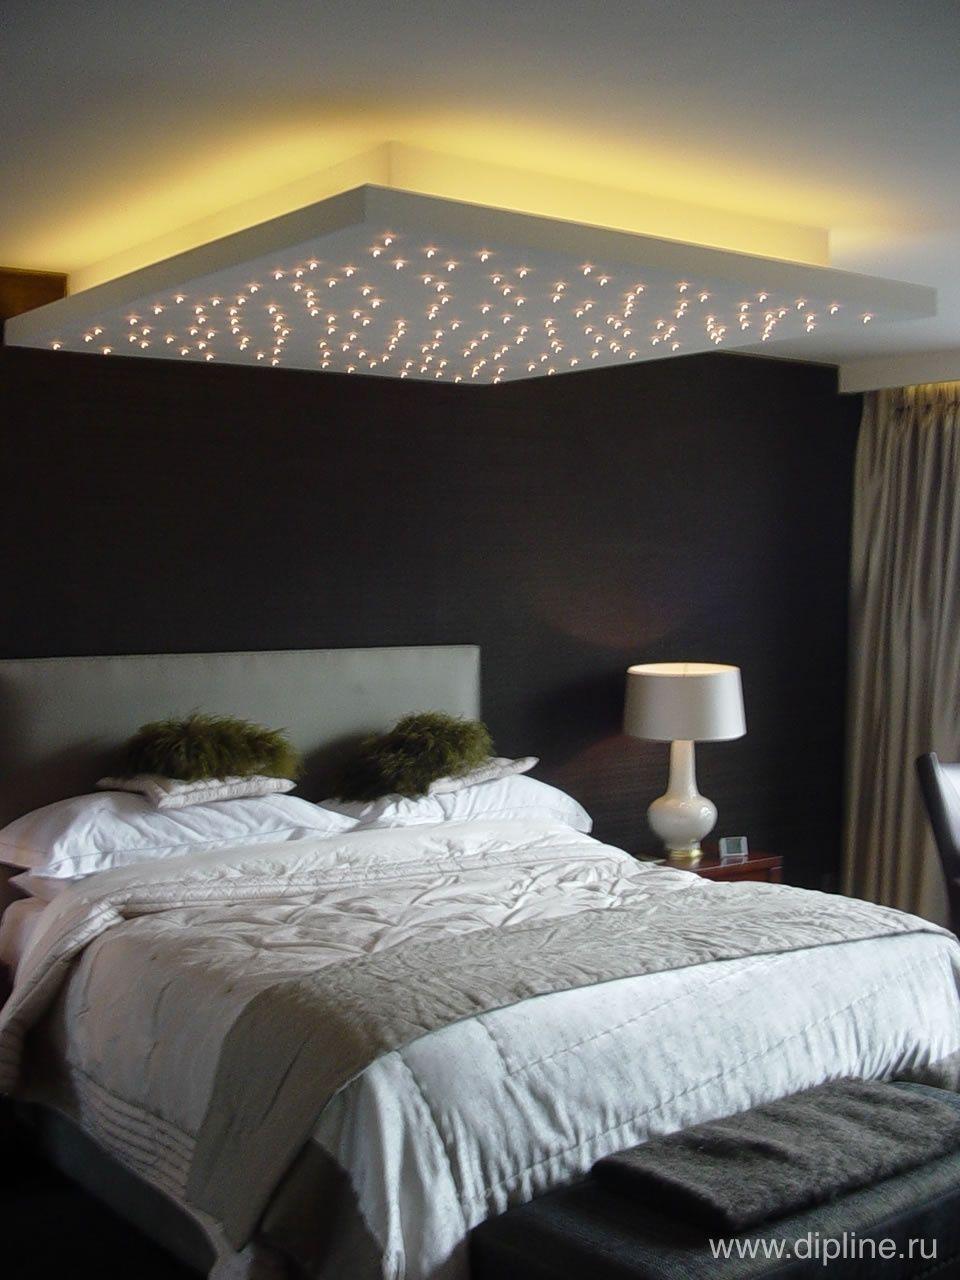 Great Bedroom Lighting Ceiling Design Bedroom Bedroom Pop Design Ceiling Design Modern